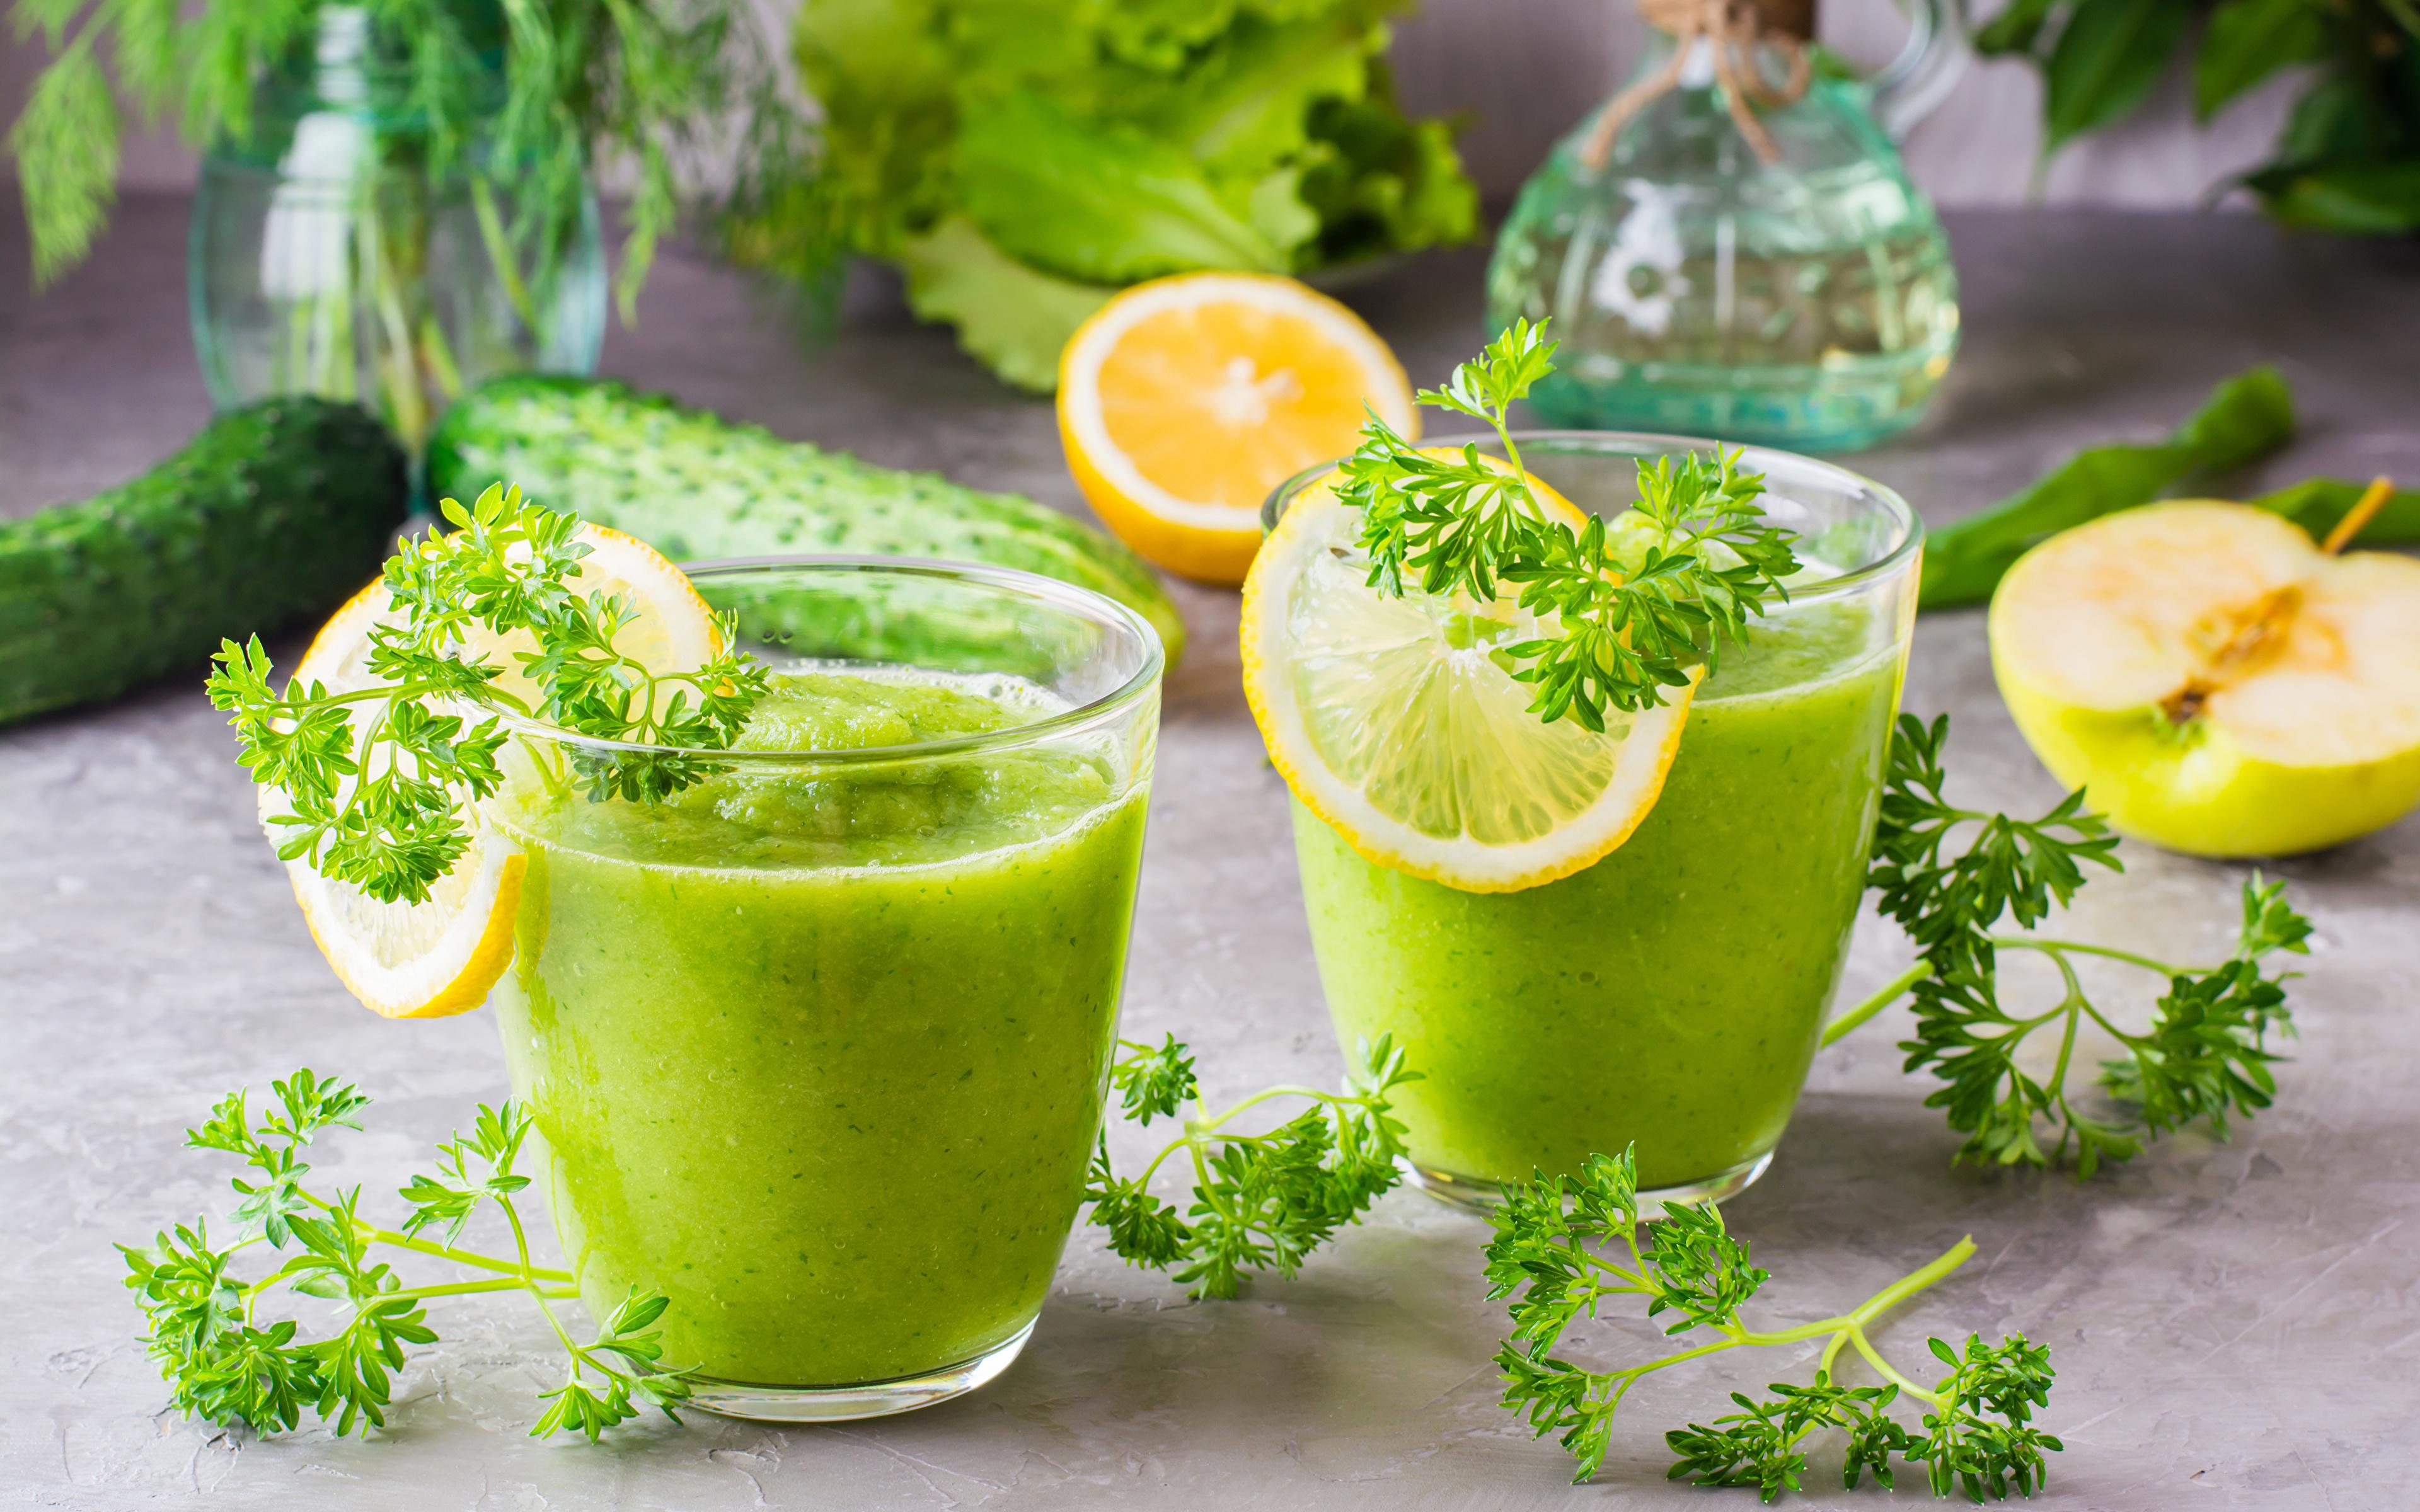 Фото Смузи 2 Стакан Лимоны Пища Овощи 3840x2400 Двое вдвоем Еда Продукты питания